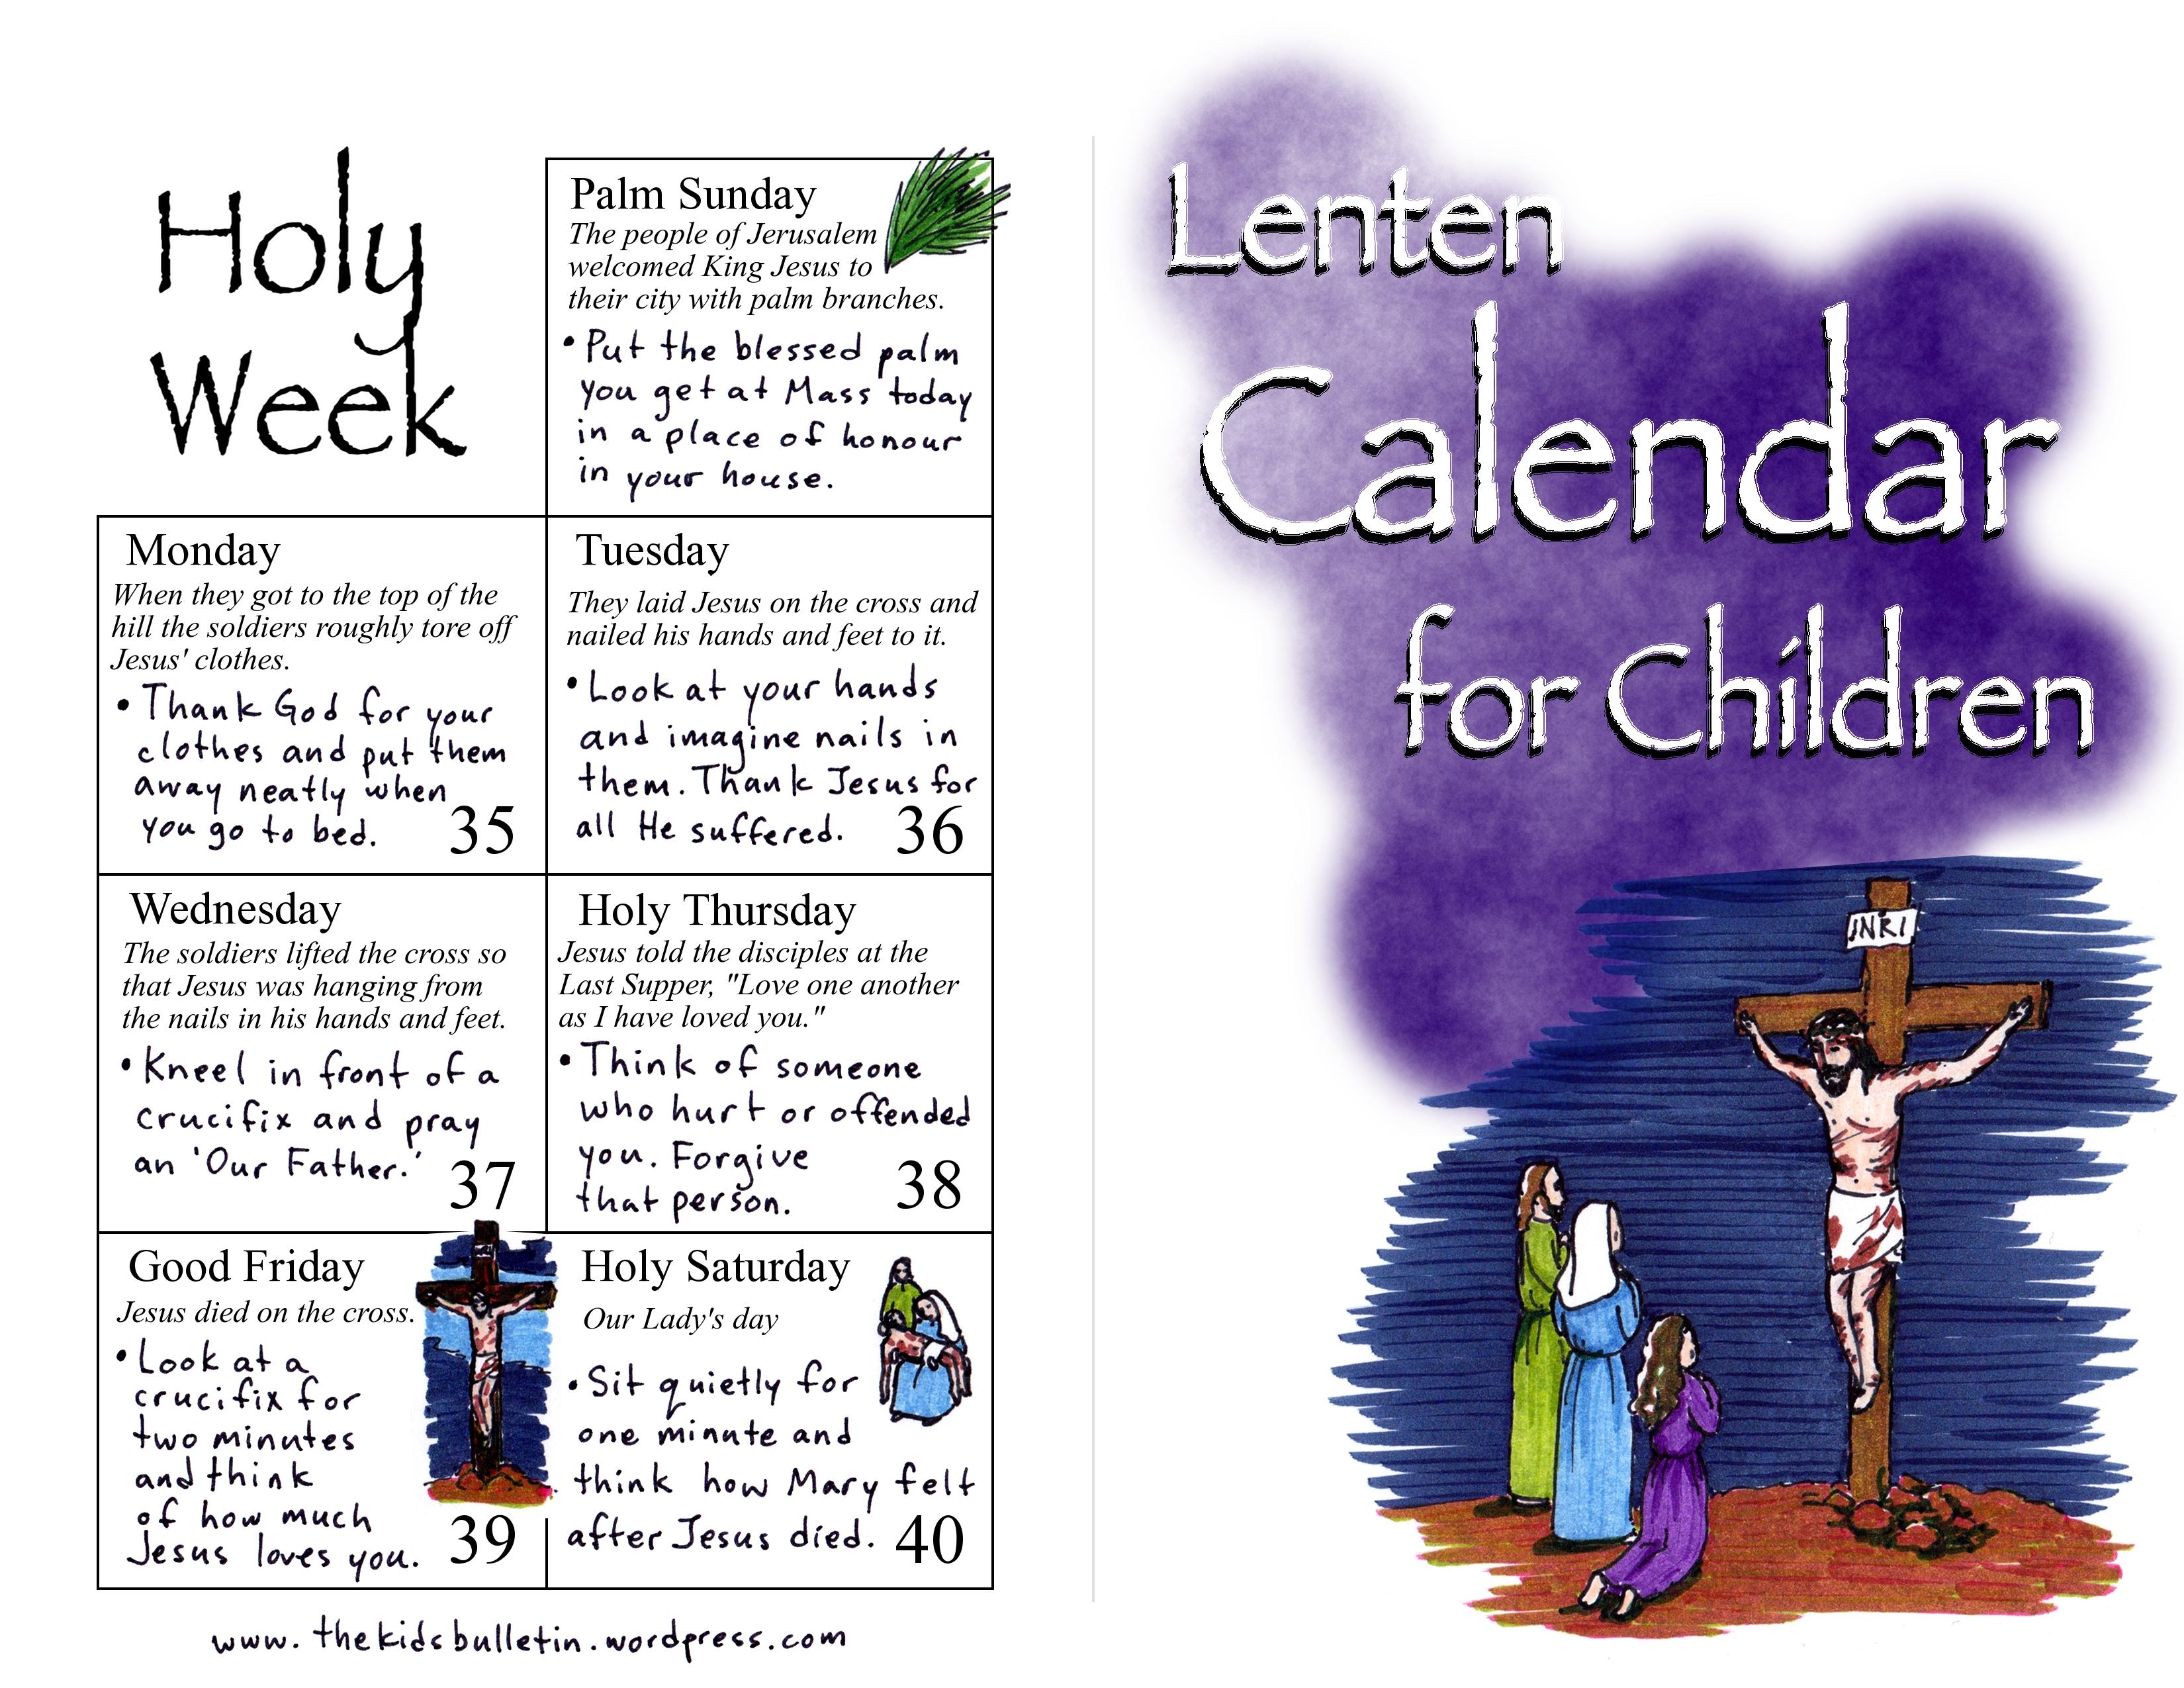 Lenten Calendar For Children